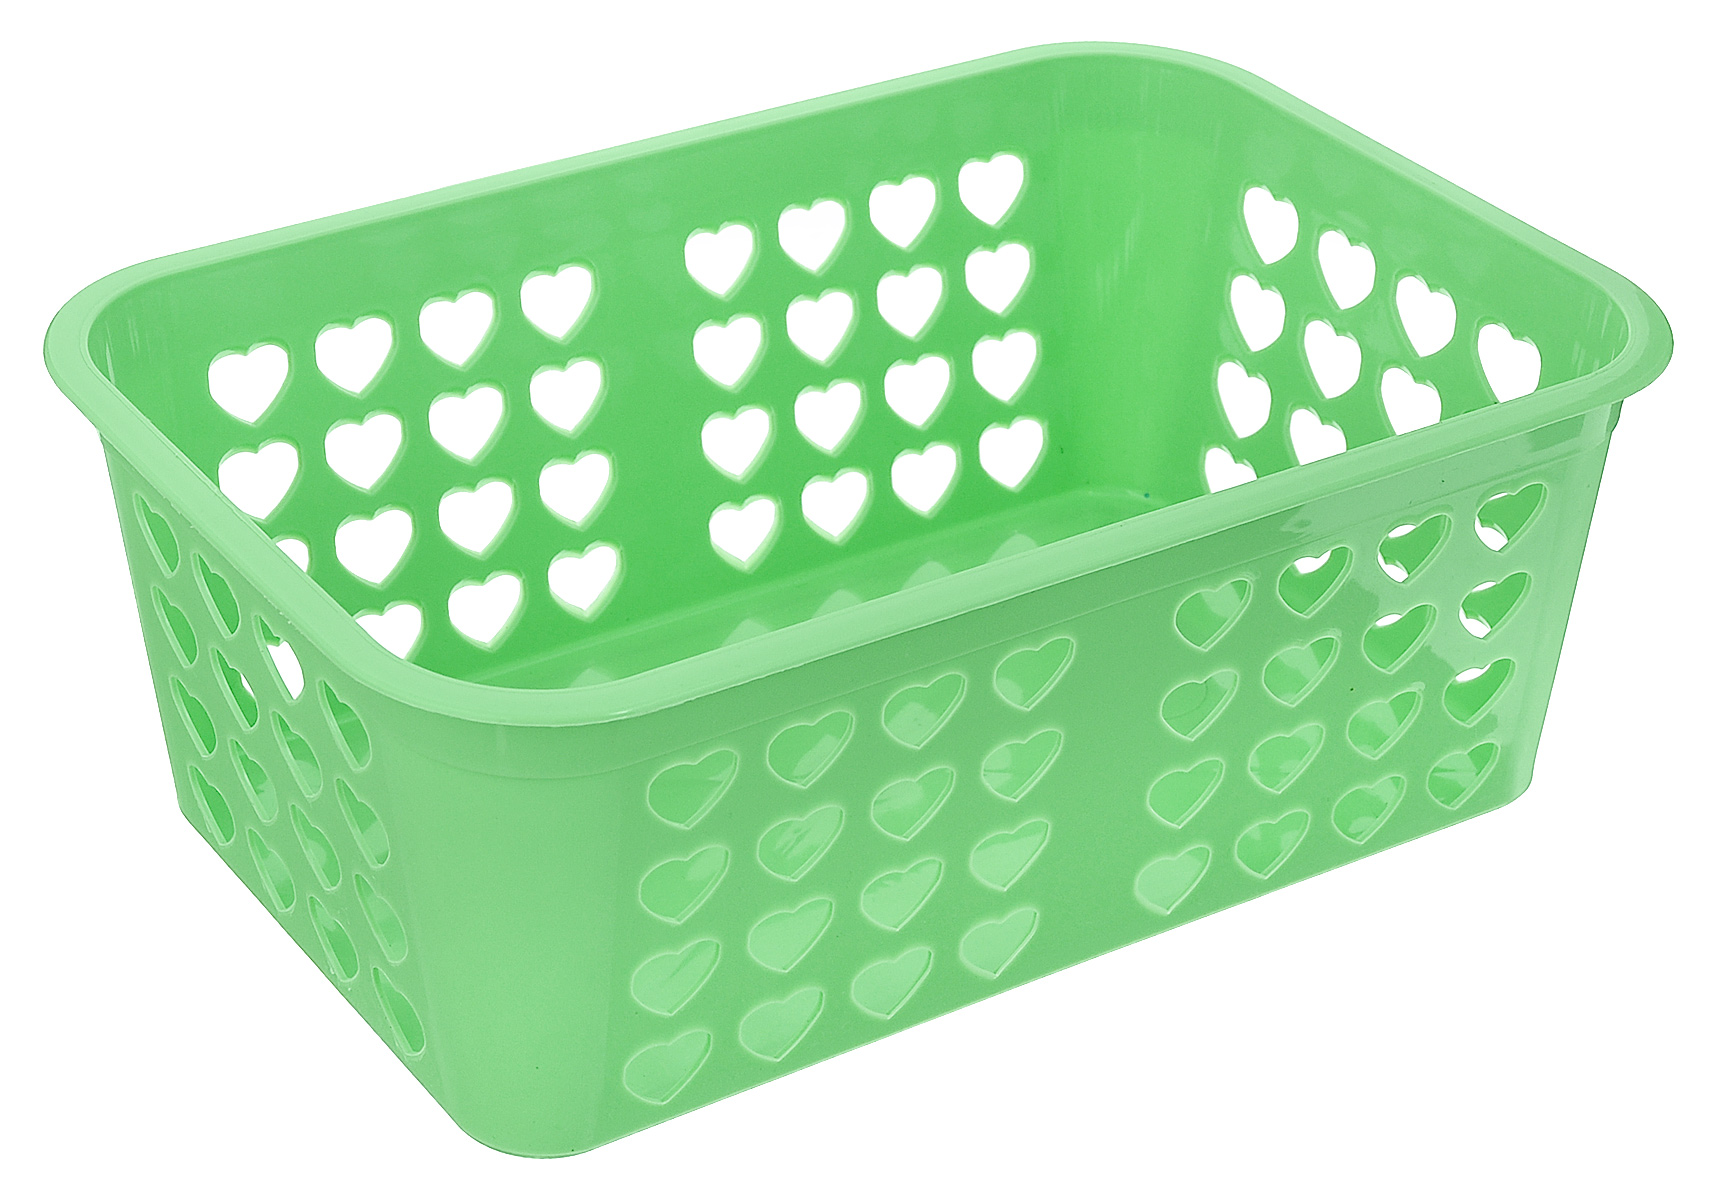 """Прямоугольная корзина Альтернатива """"Вдохновение"""", изготовленная из пластика, предназначена для хранения мелочей в ванной, на кухне, даче или гараже. Корзина со сплошным дном, оснащена перфорированными стенками.Элегантный выдержанный дизайн позволяет органично вписаться в ваш интерьер и стать его элементом."""